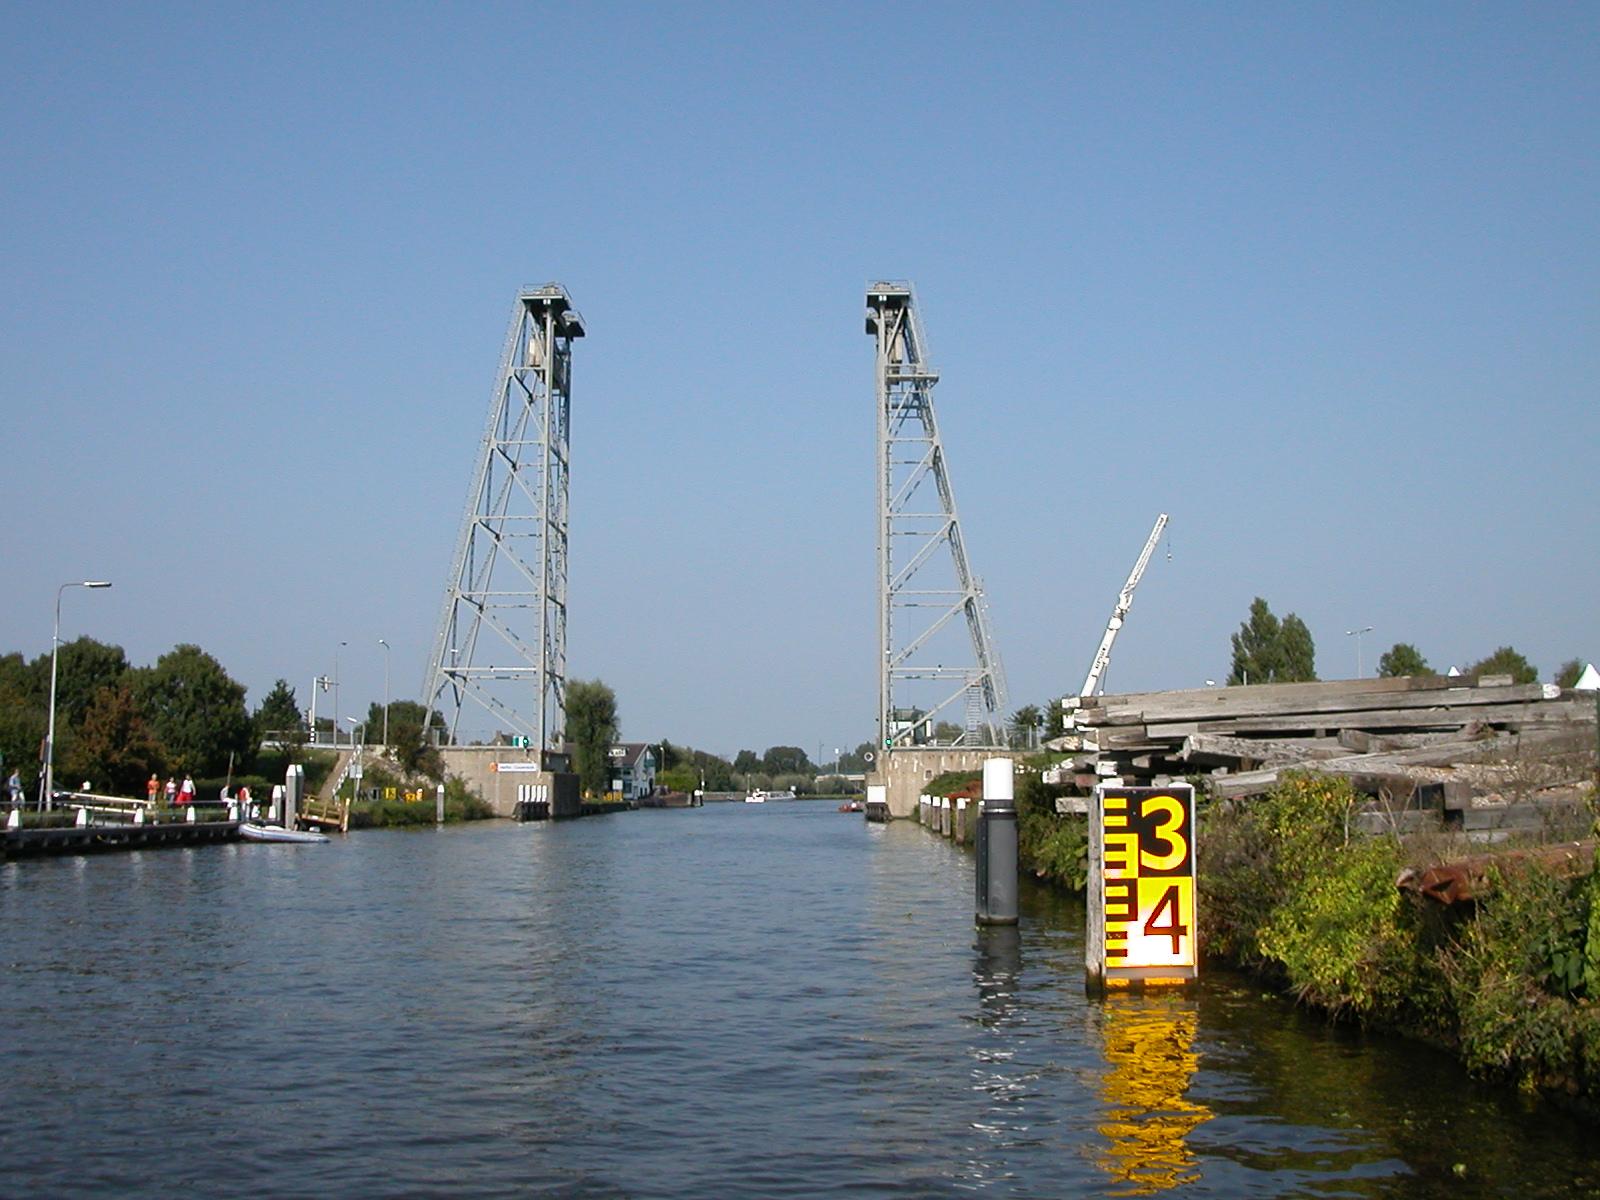 Alphen aan den Rijn - Wikimedia Commons